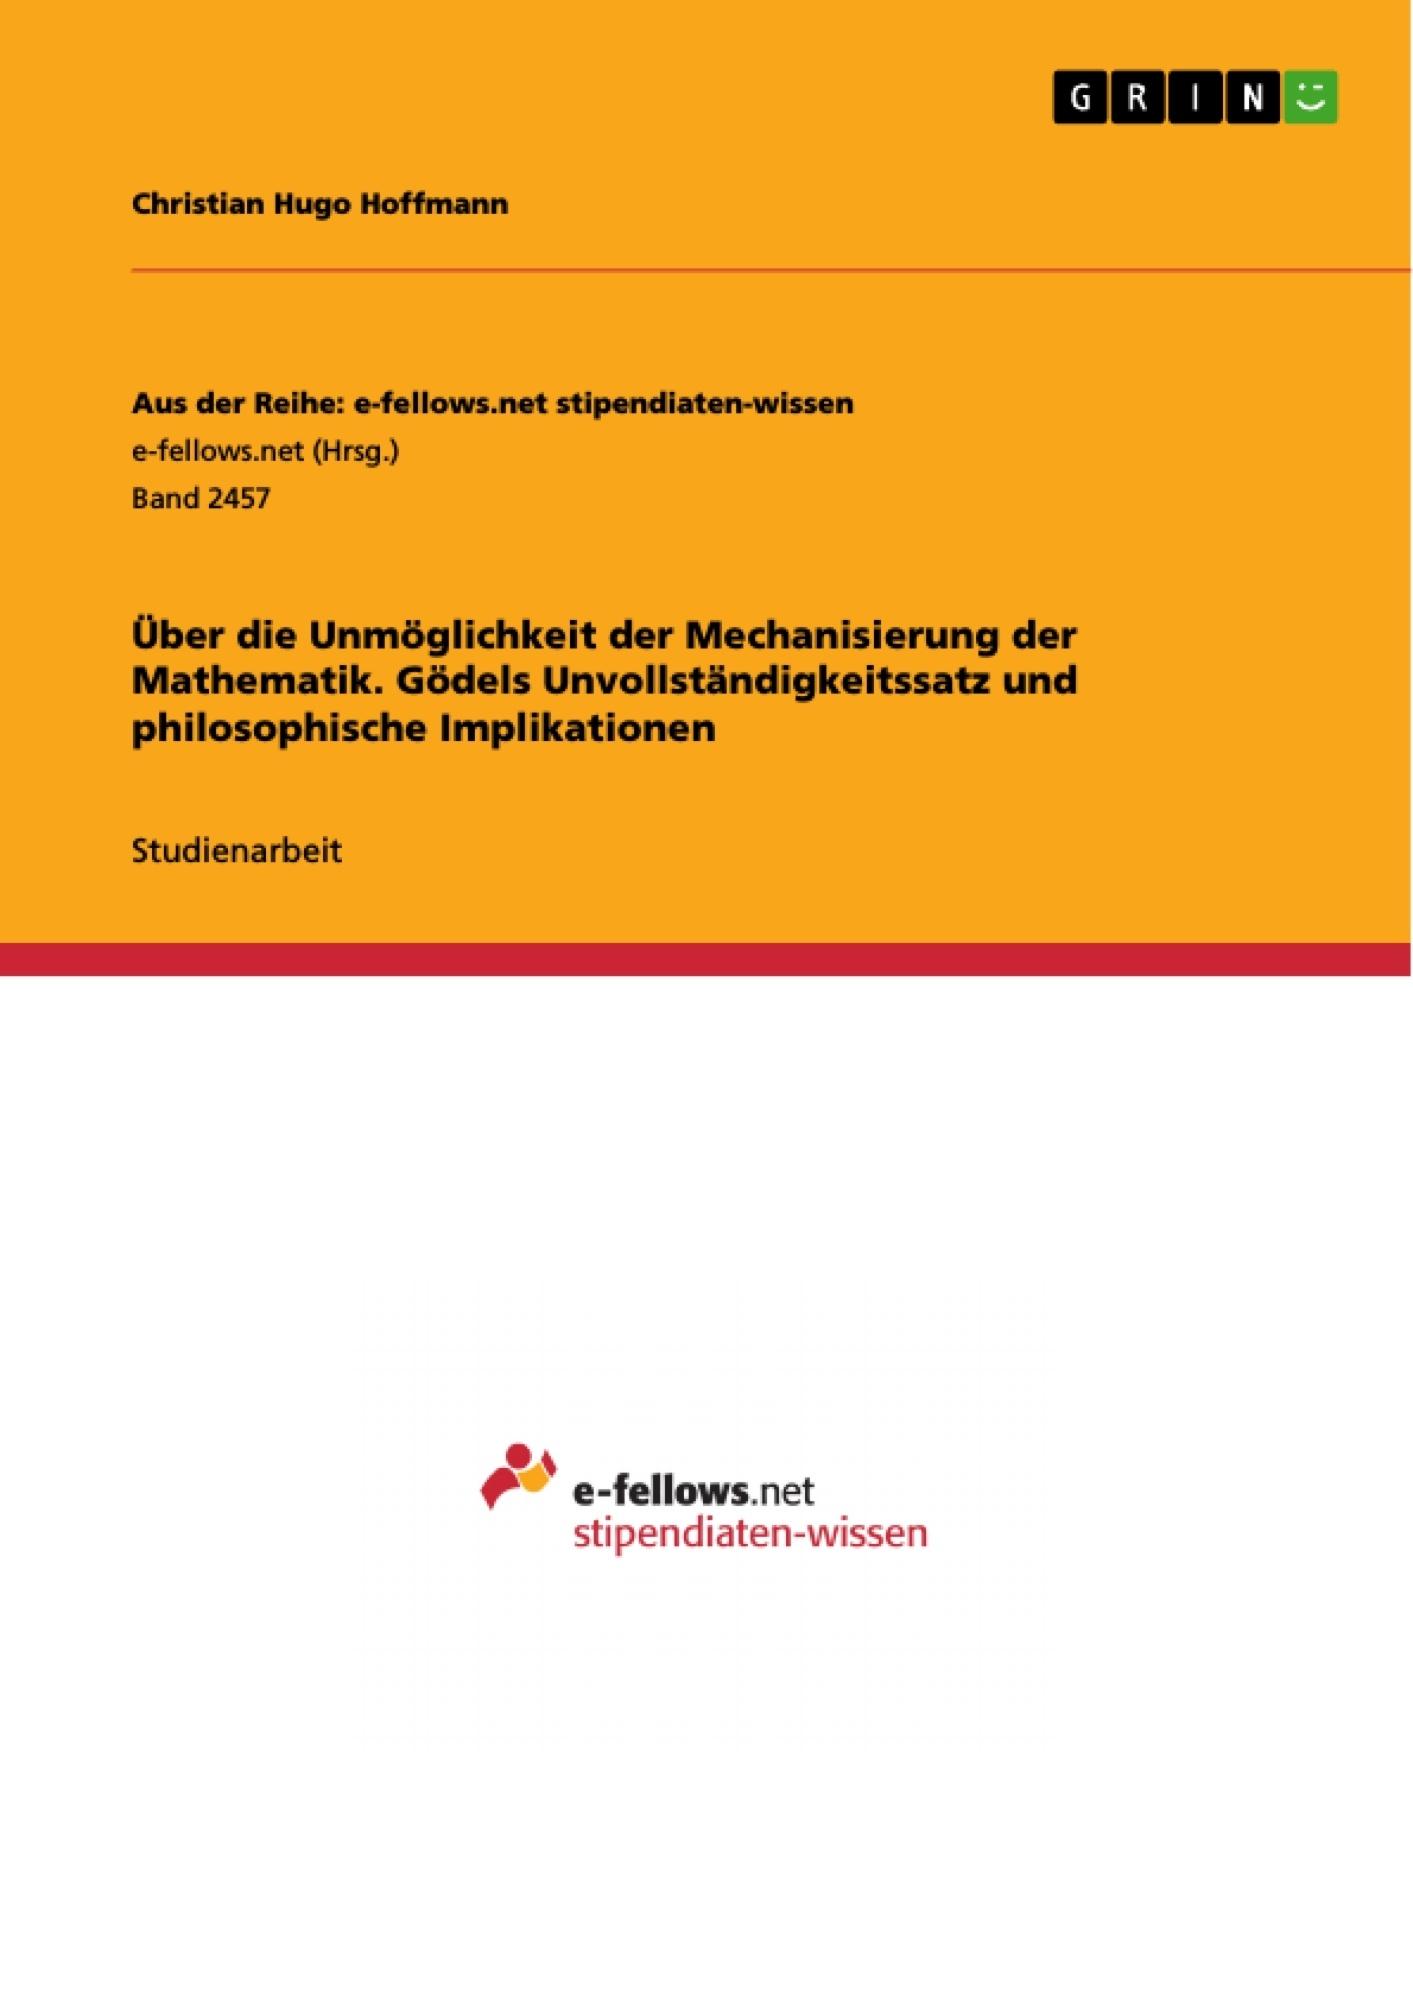 Titel: Über die Unmöglichkeit der Mechanisierung der Mathematik. Gödels Unvollständigkeitssatz und philosophische Implikationen